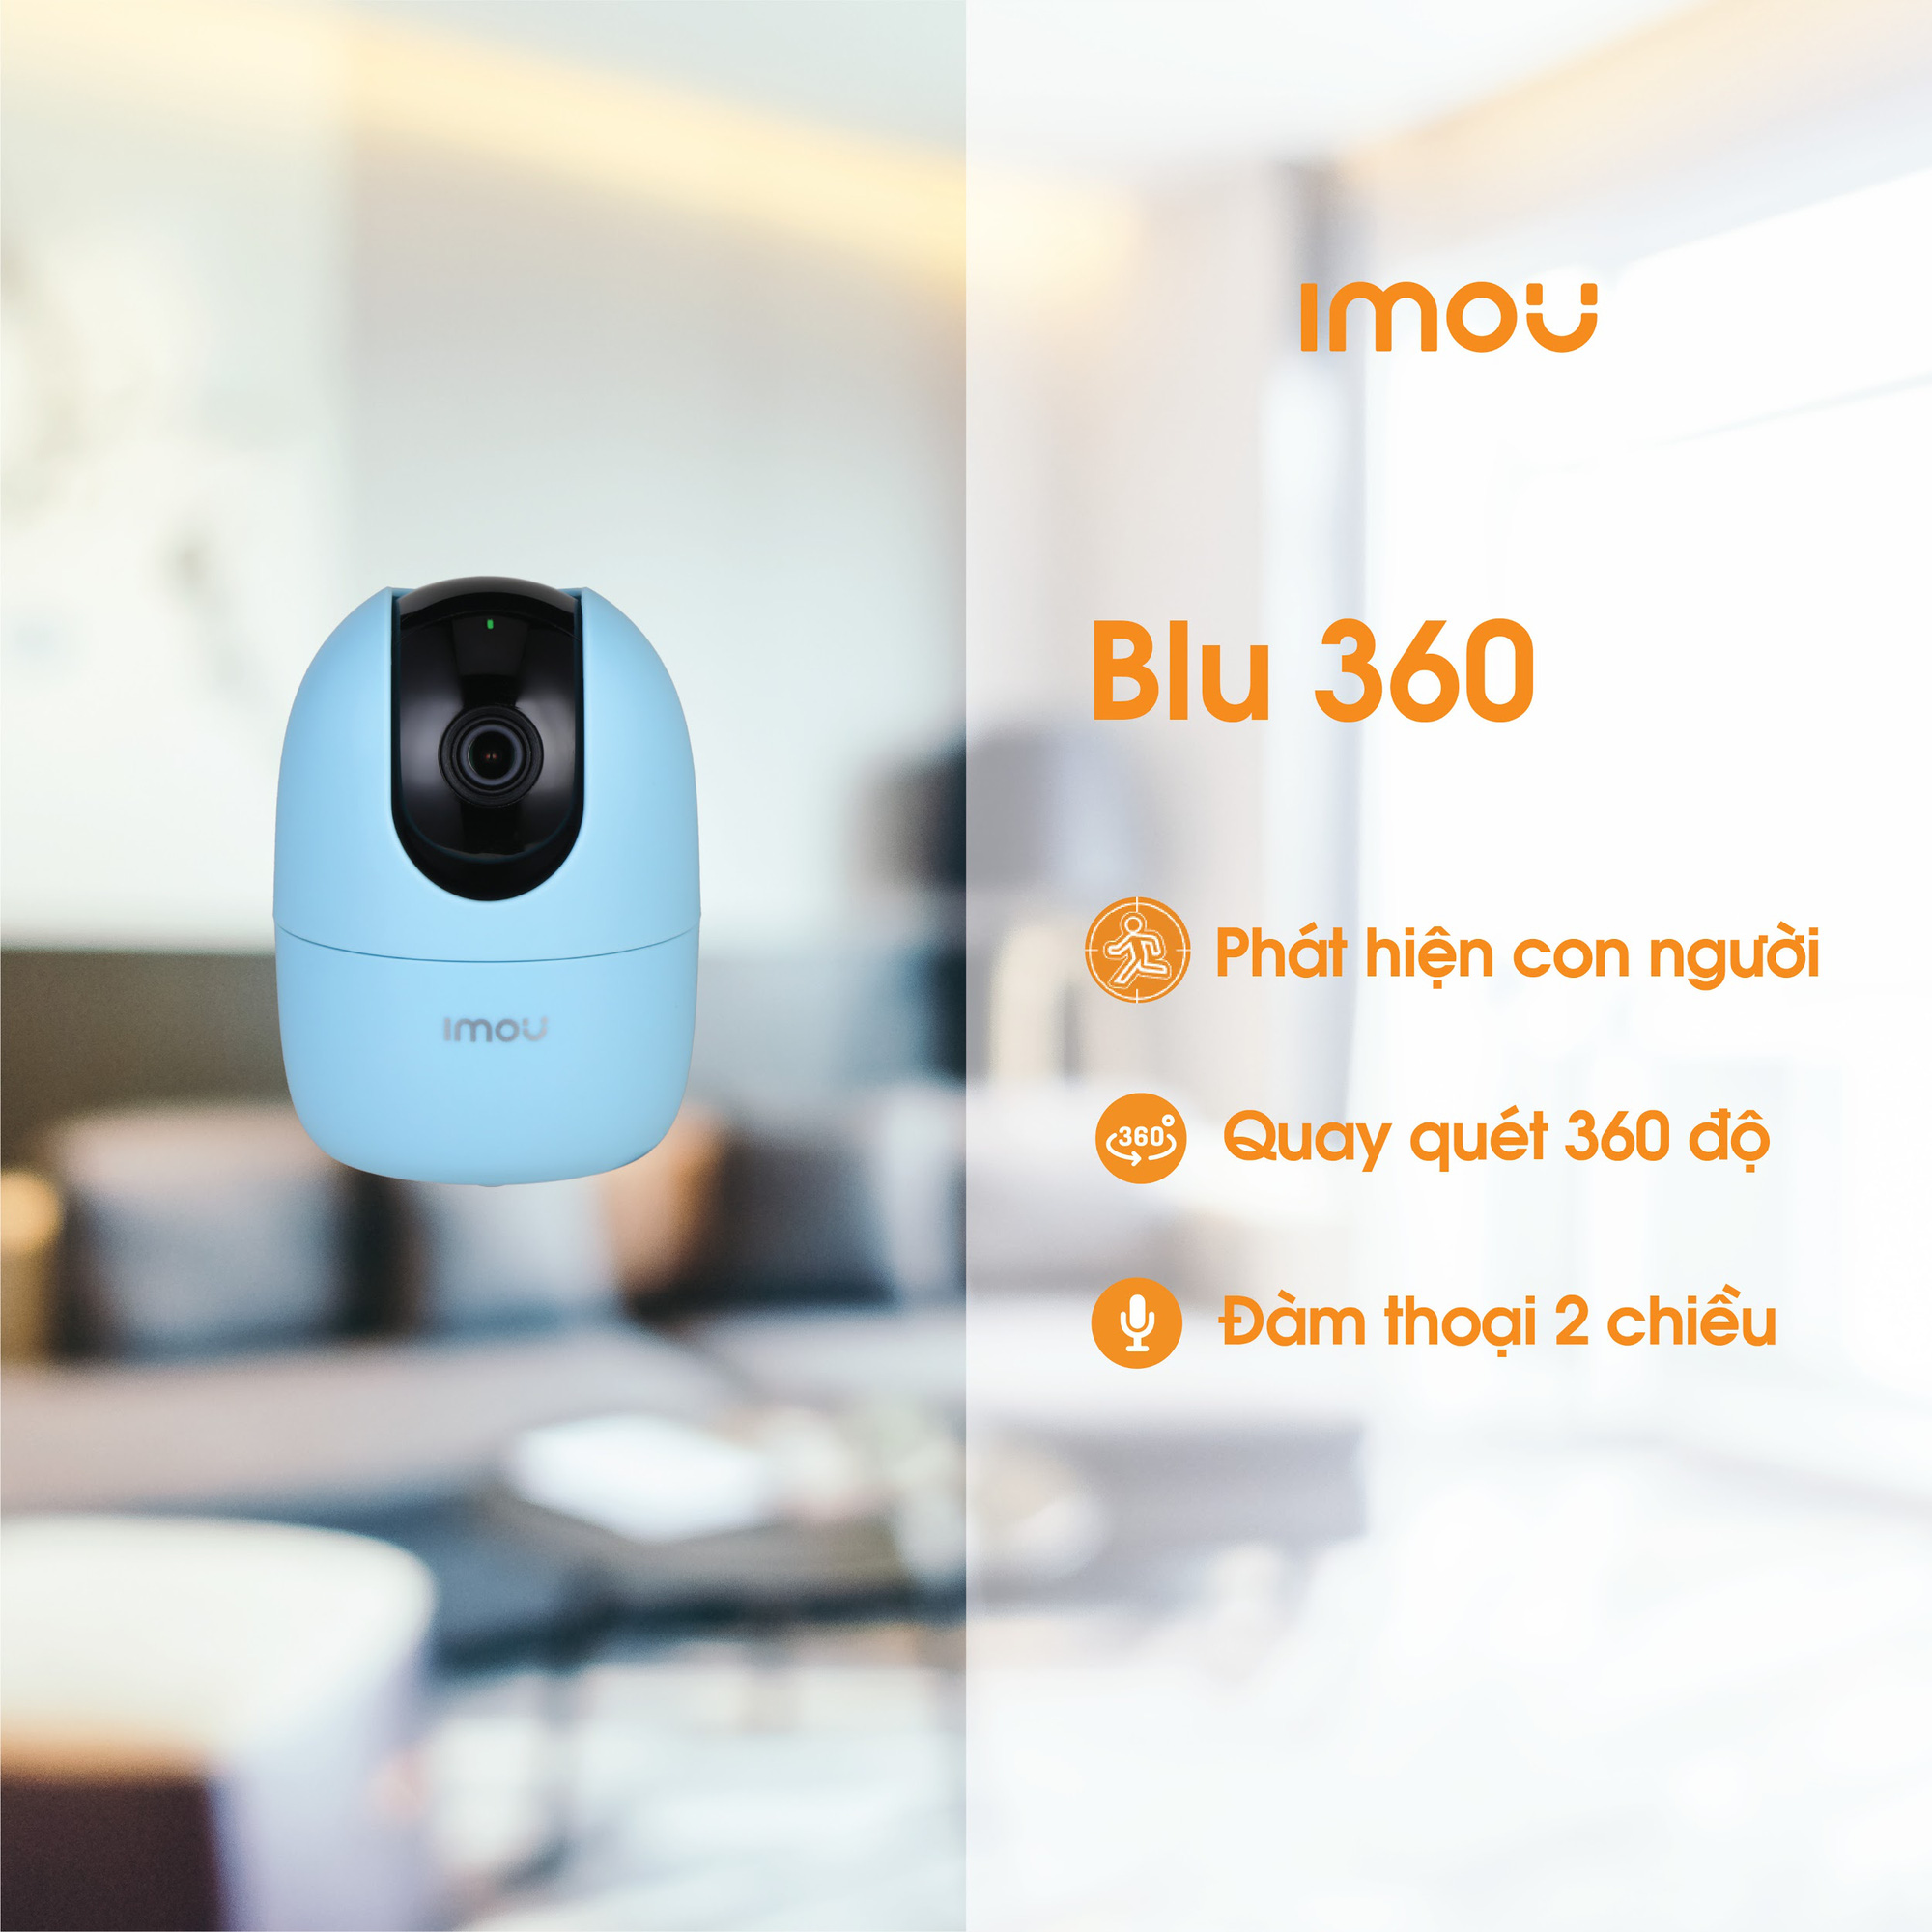 """5 lý do khiến Imou Blu trở thành camera giám sát thông minh """"hot hit dành cho khách hàng trẻ - Ảnh 3."""